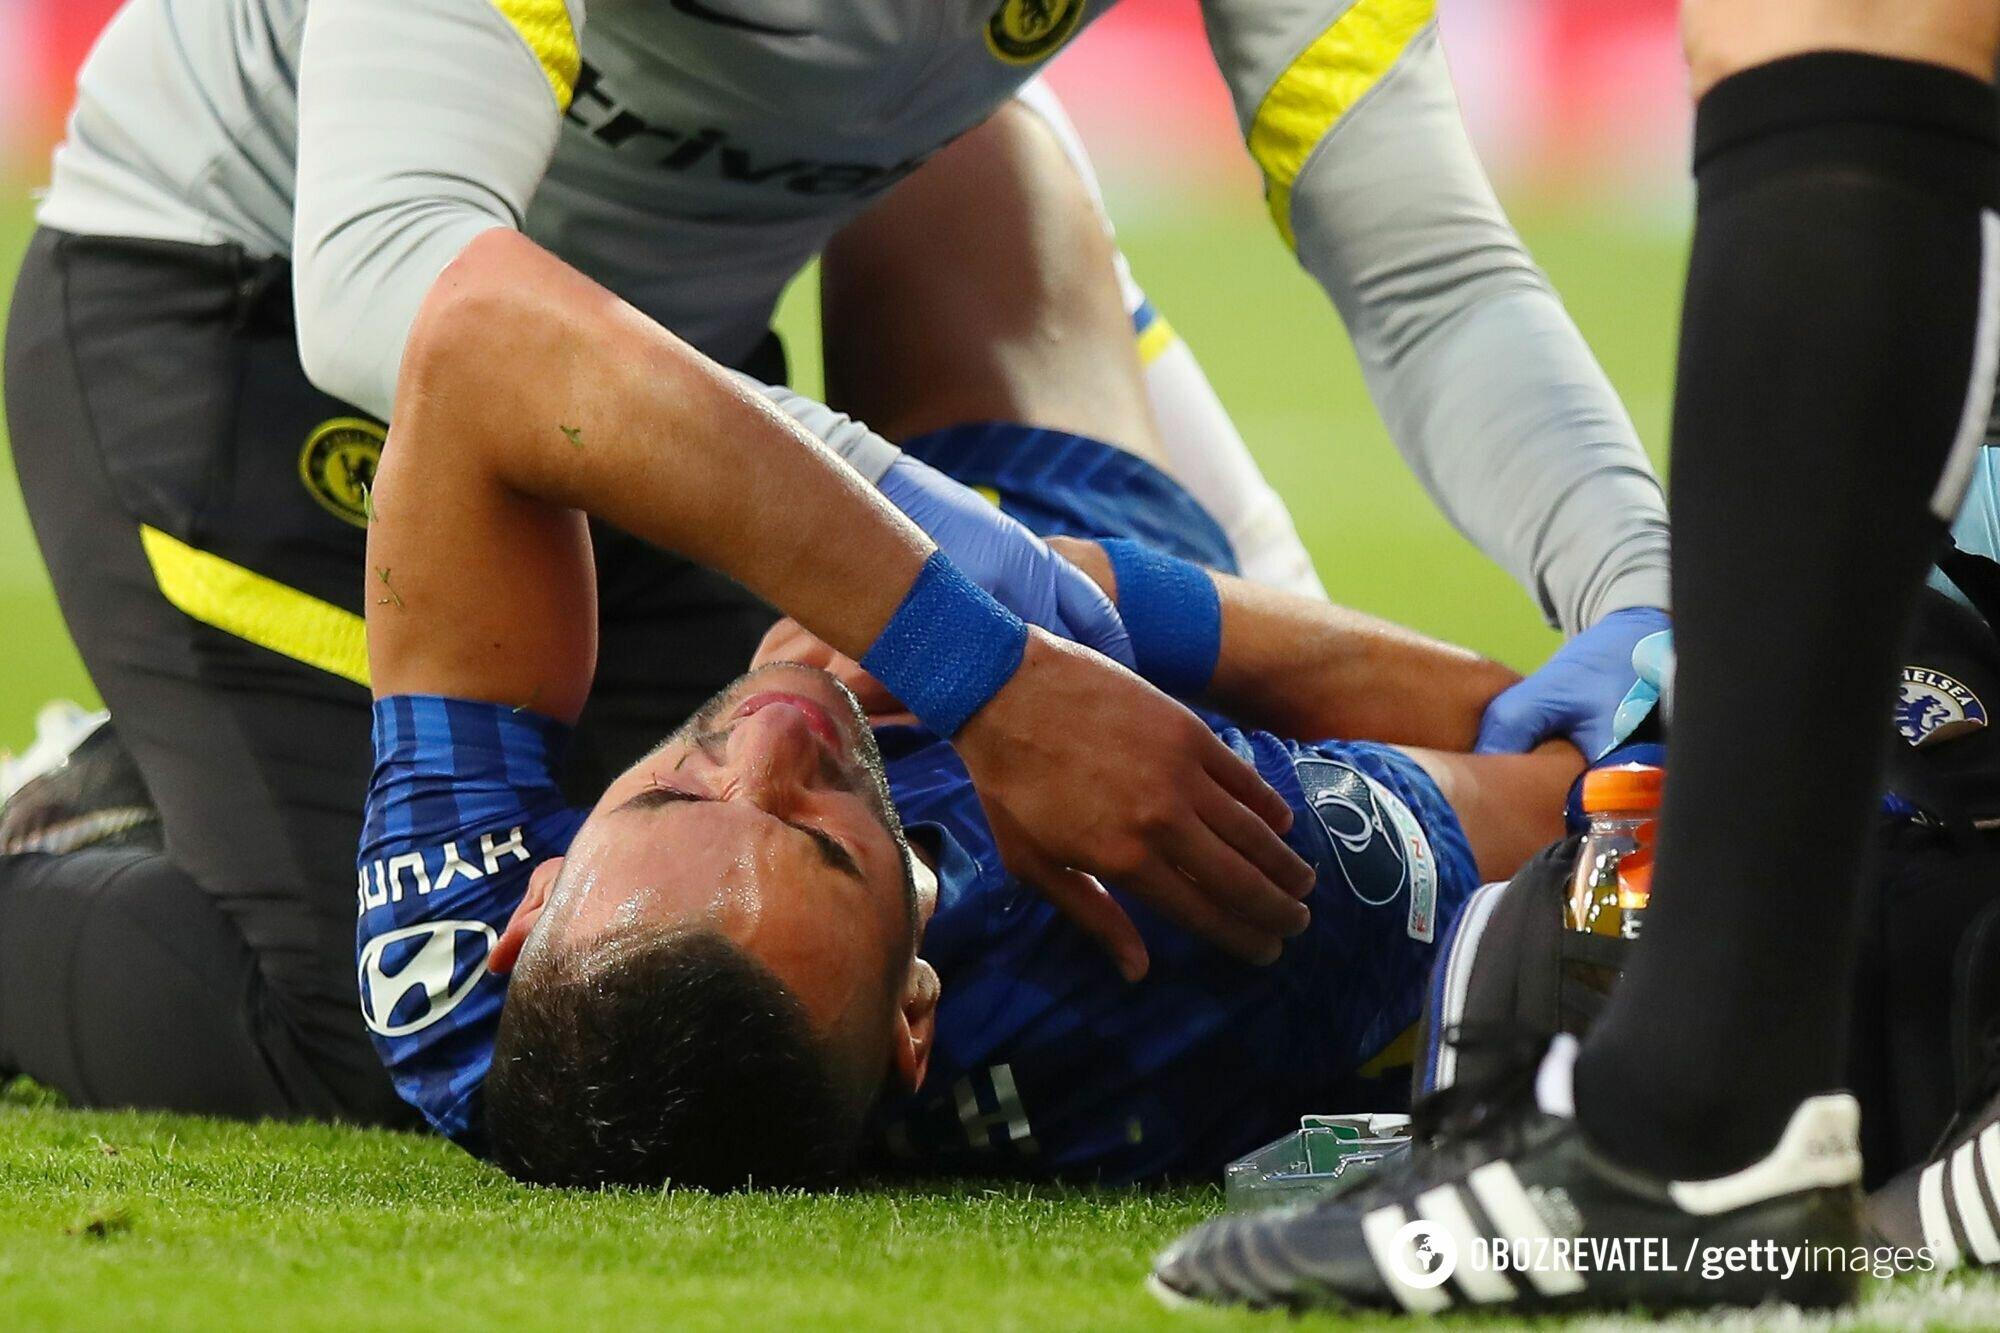 Зиеш получил травму